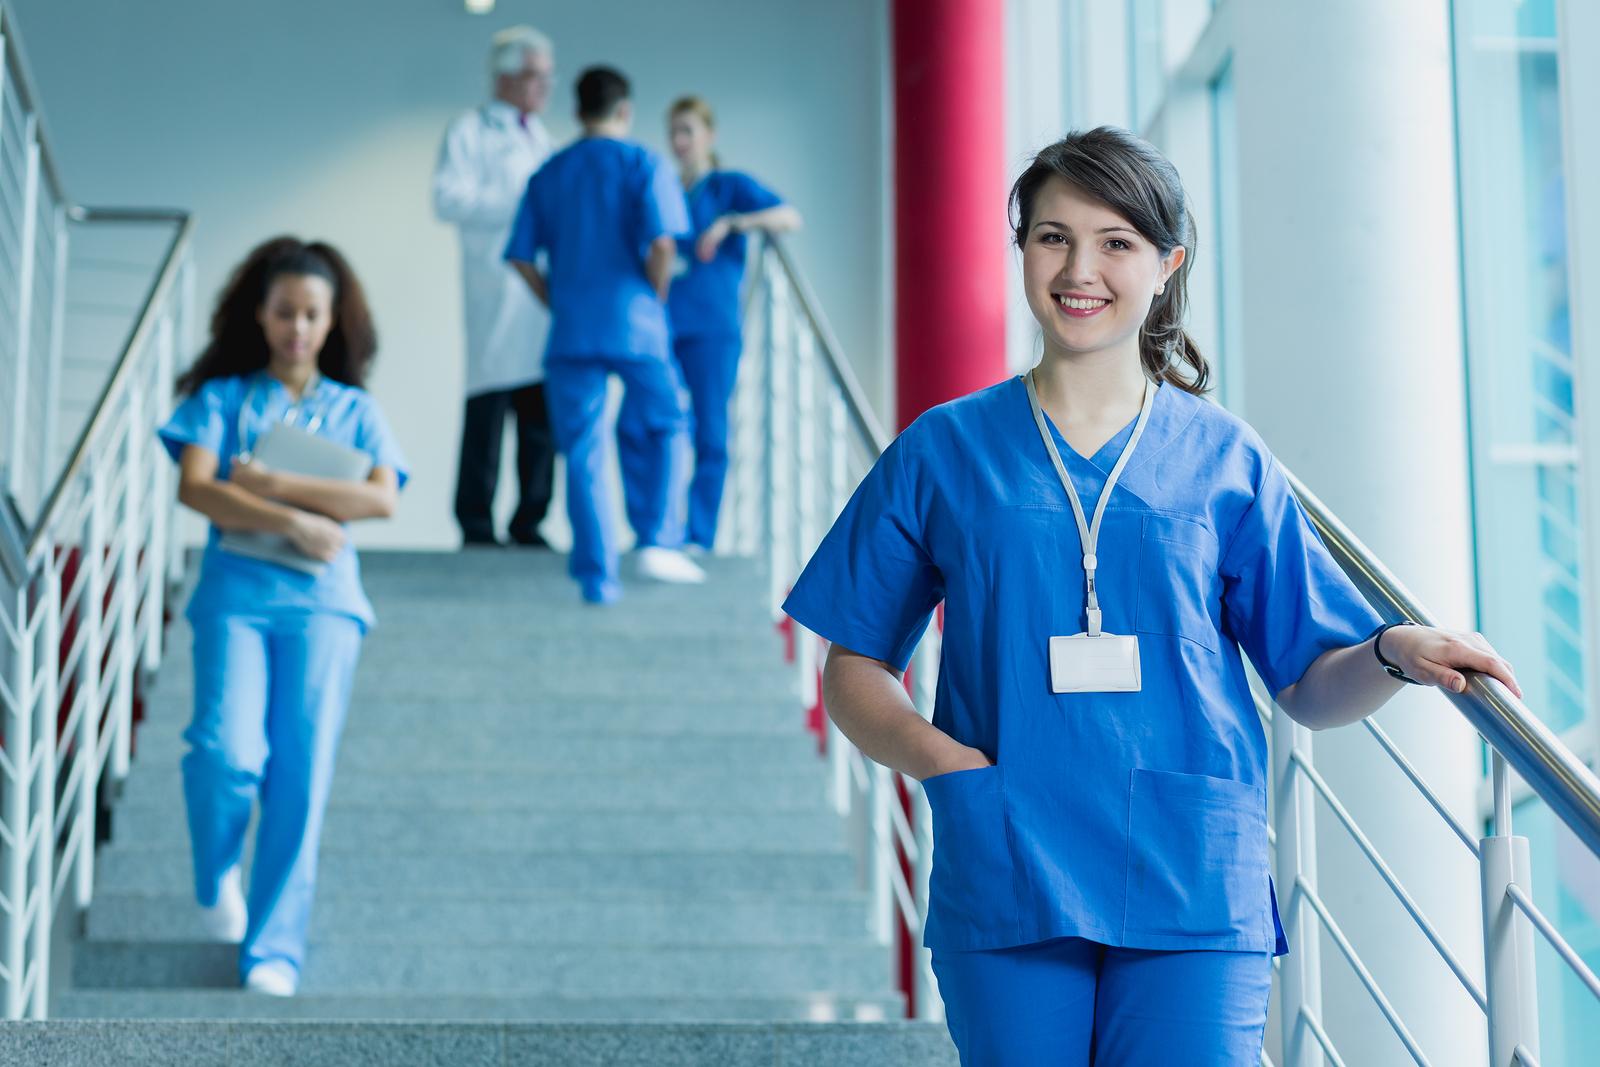 Tuyển sinh du học điều dưỡng Đức tại Hải Phòng là vấn đề được các bạn trẻ rất quan tâm